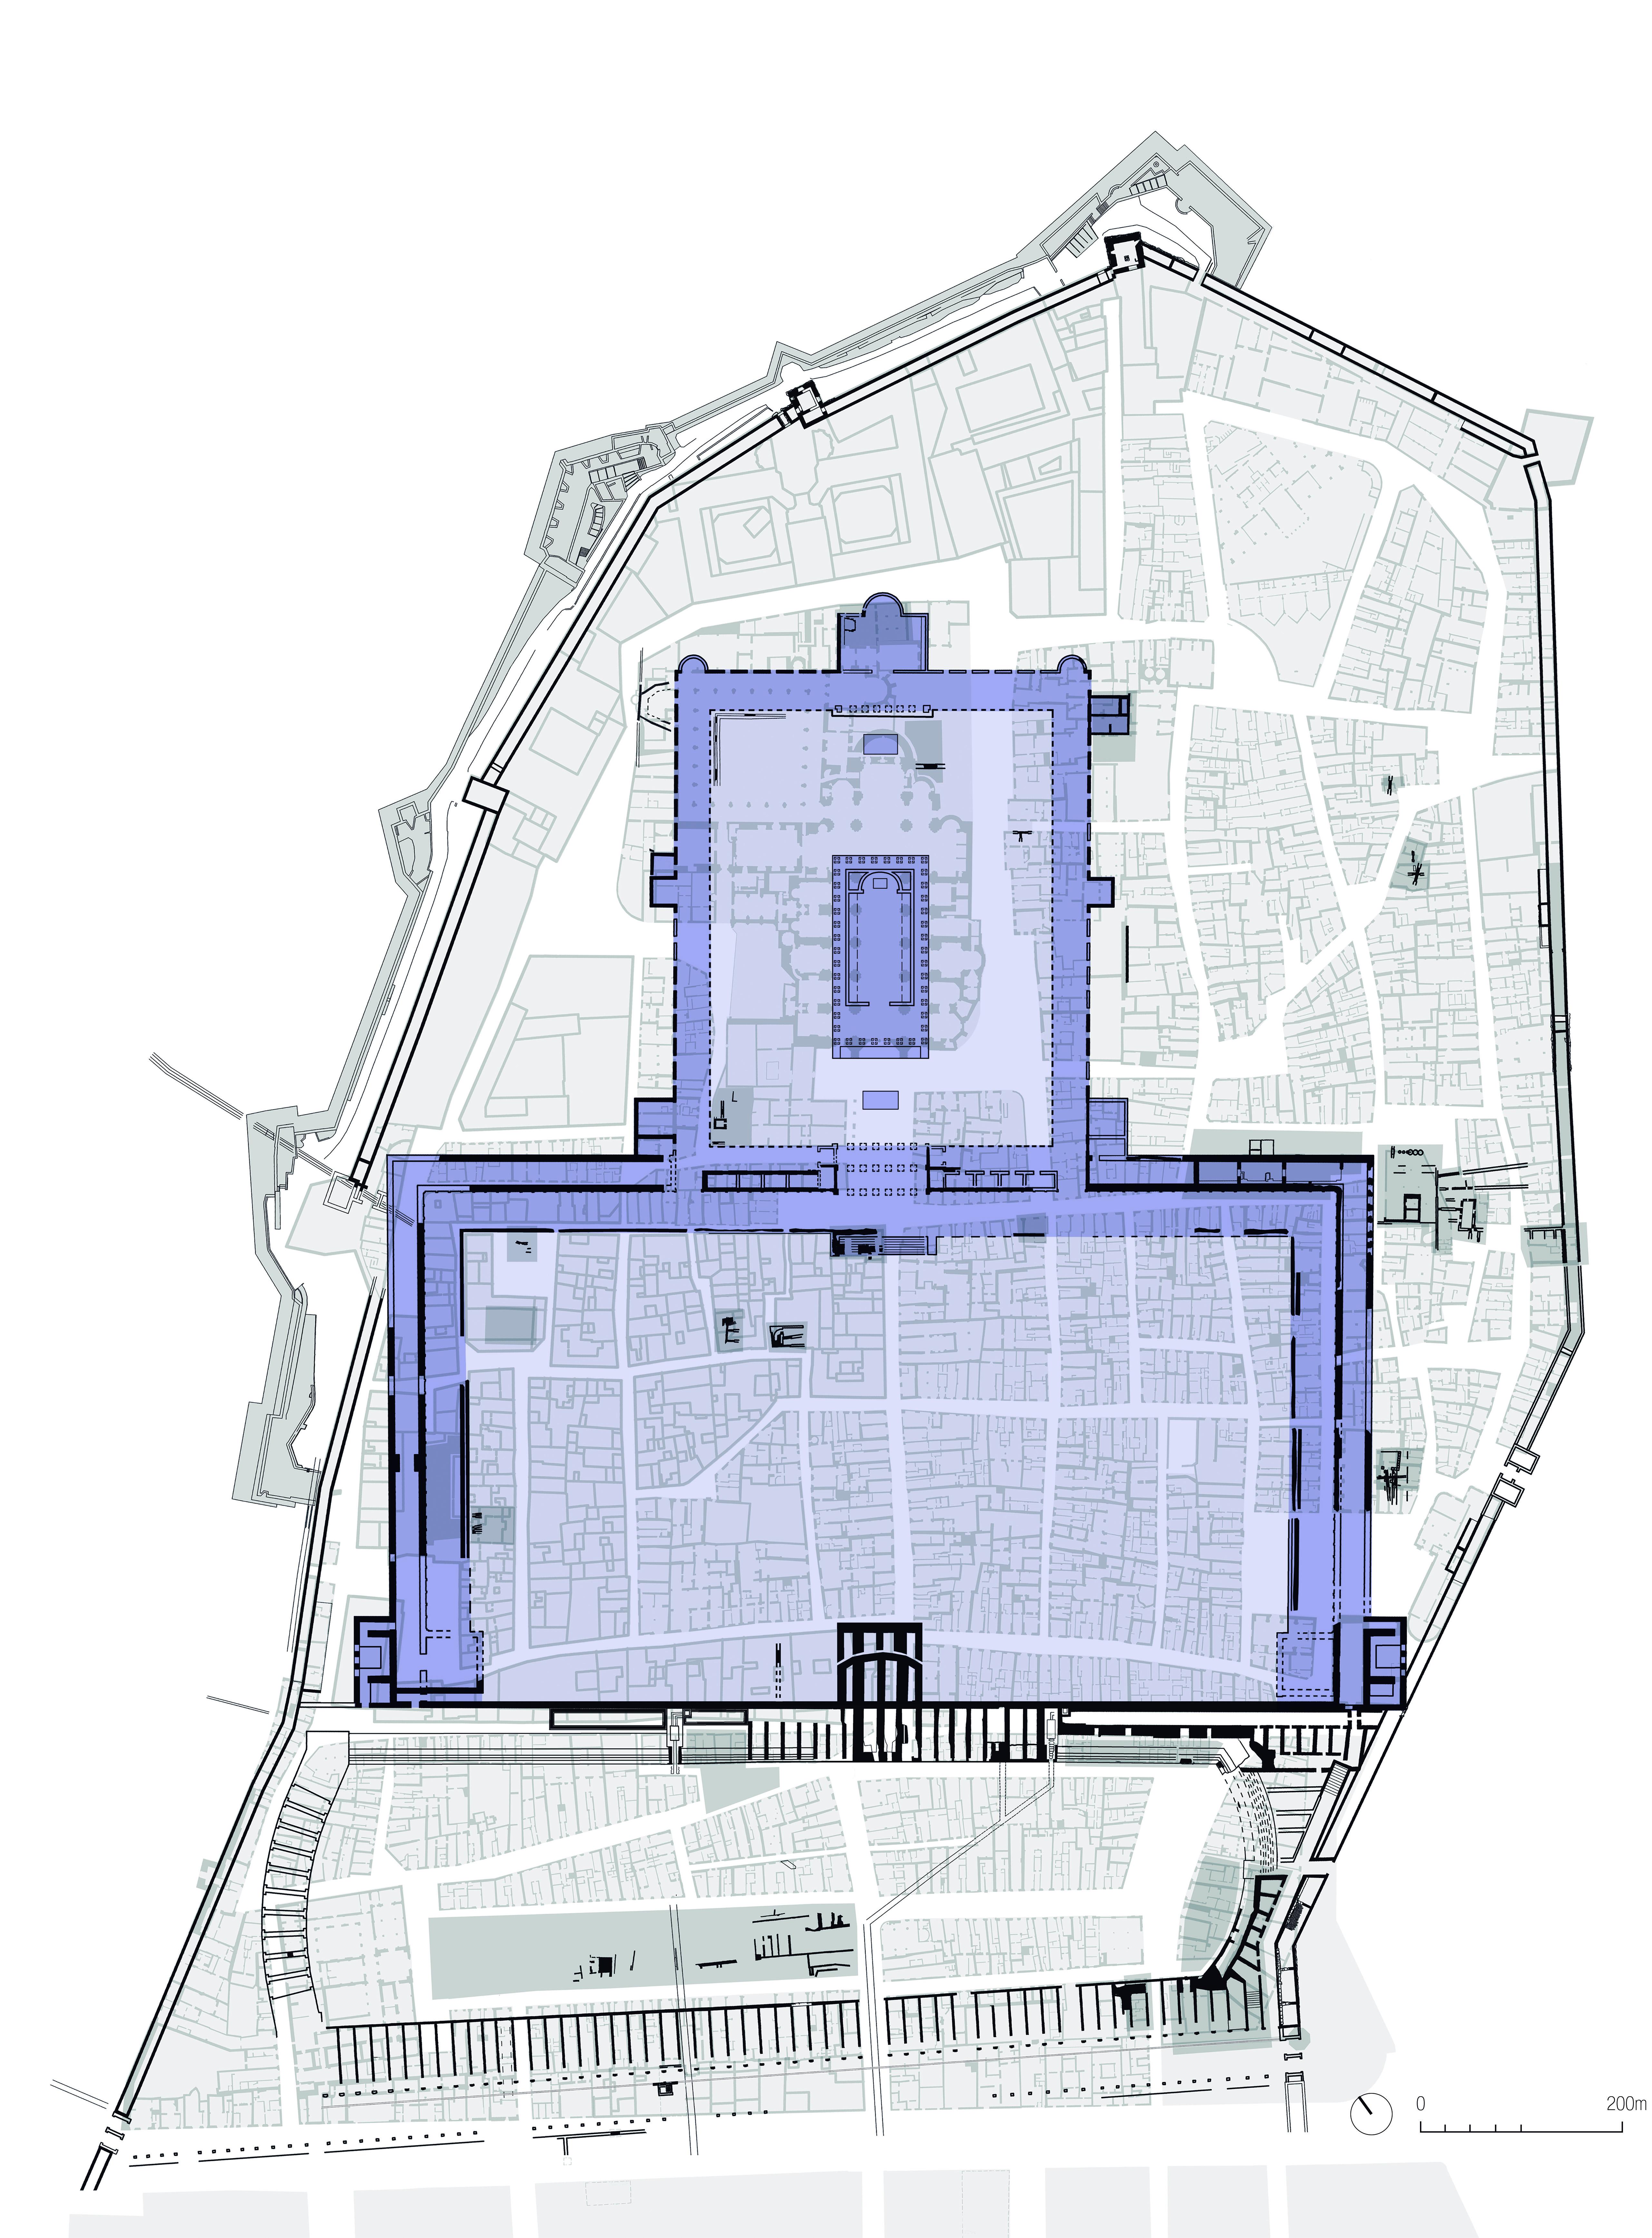 Plànol que indica, damunt de la Part Alta actual, l'espai que ocupava el temple d'August (primera terrassa) i la Plaça de Representació (segona terrasa). A sota es pot veure també el circ (Institut Cartrogràfic de Catalunya).